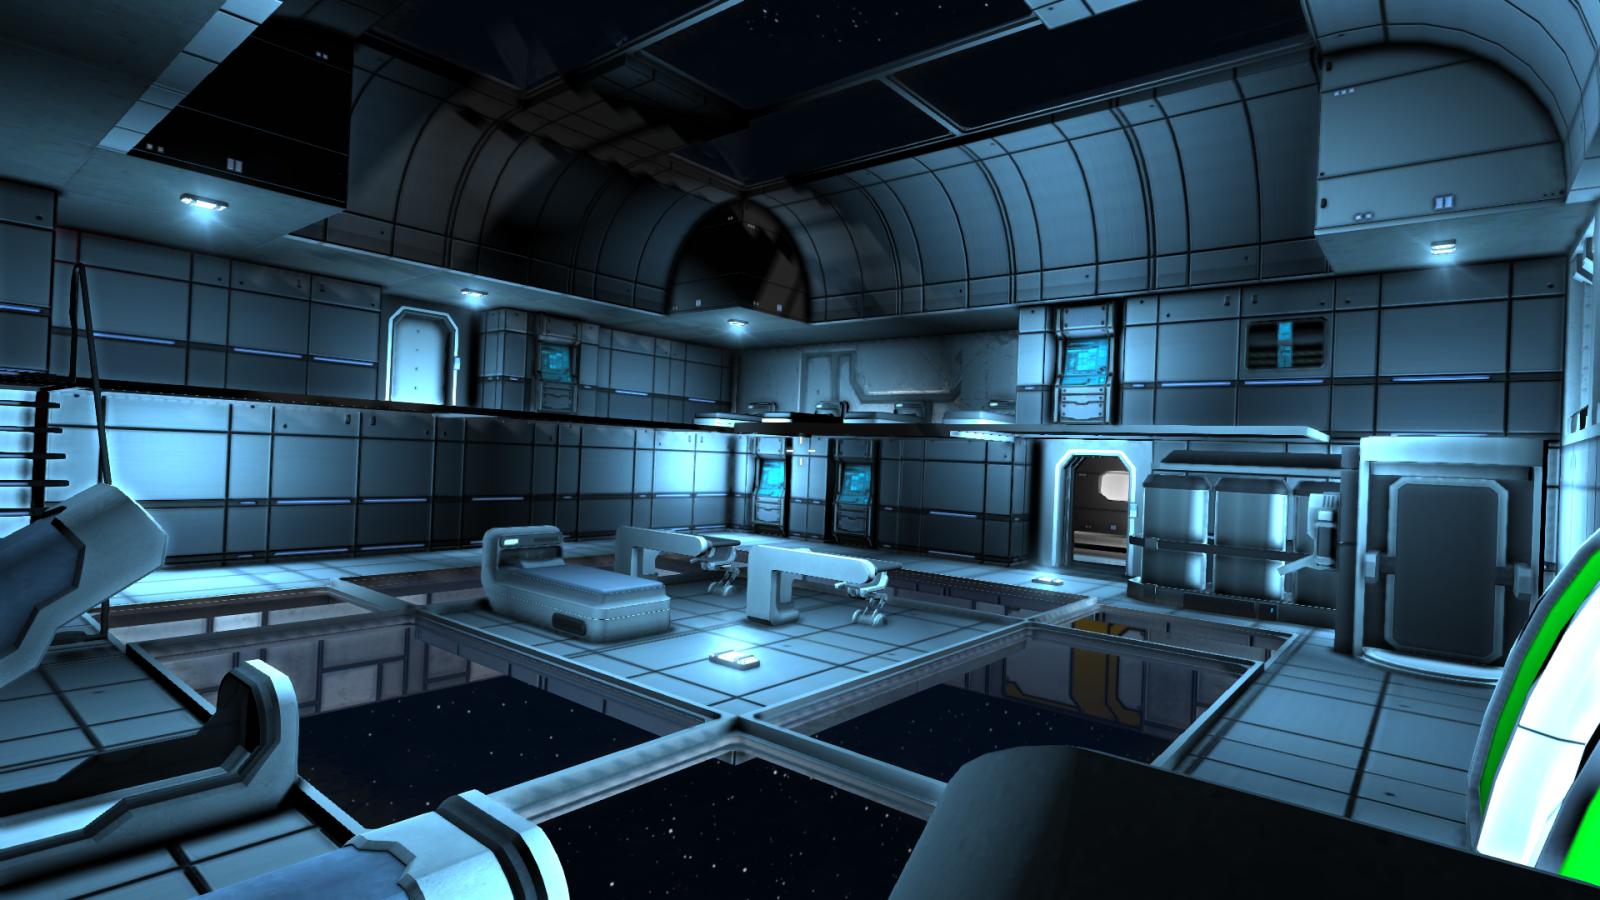 Spaceship S Briefing Room